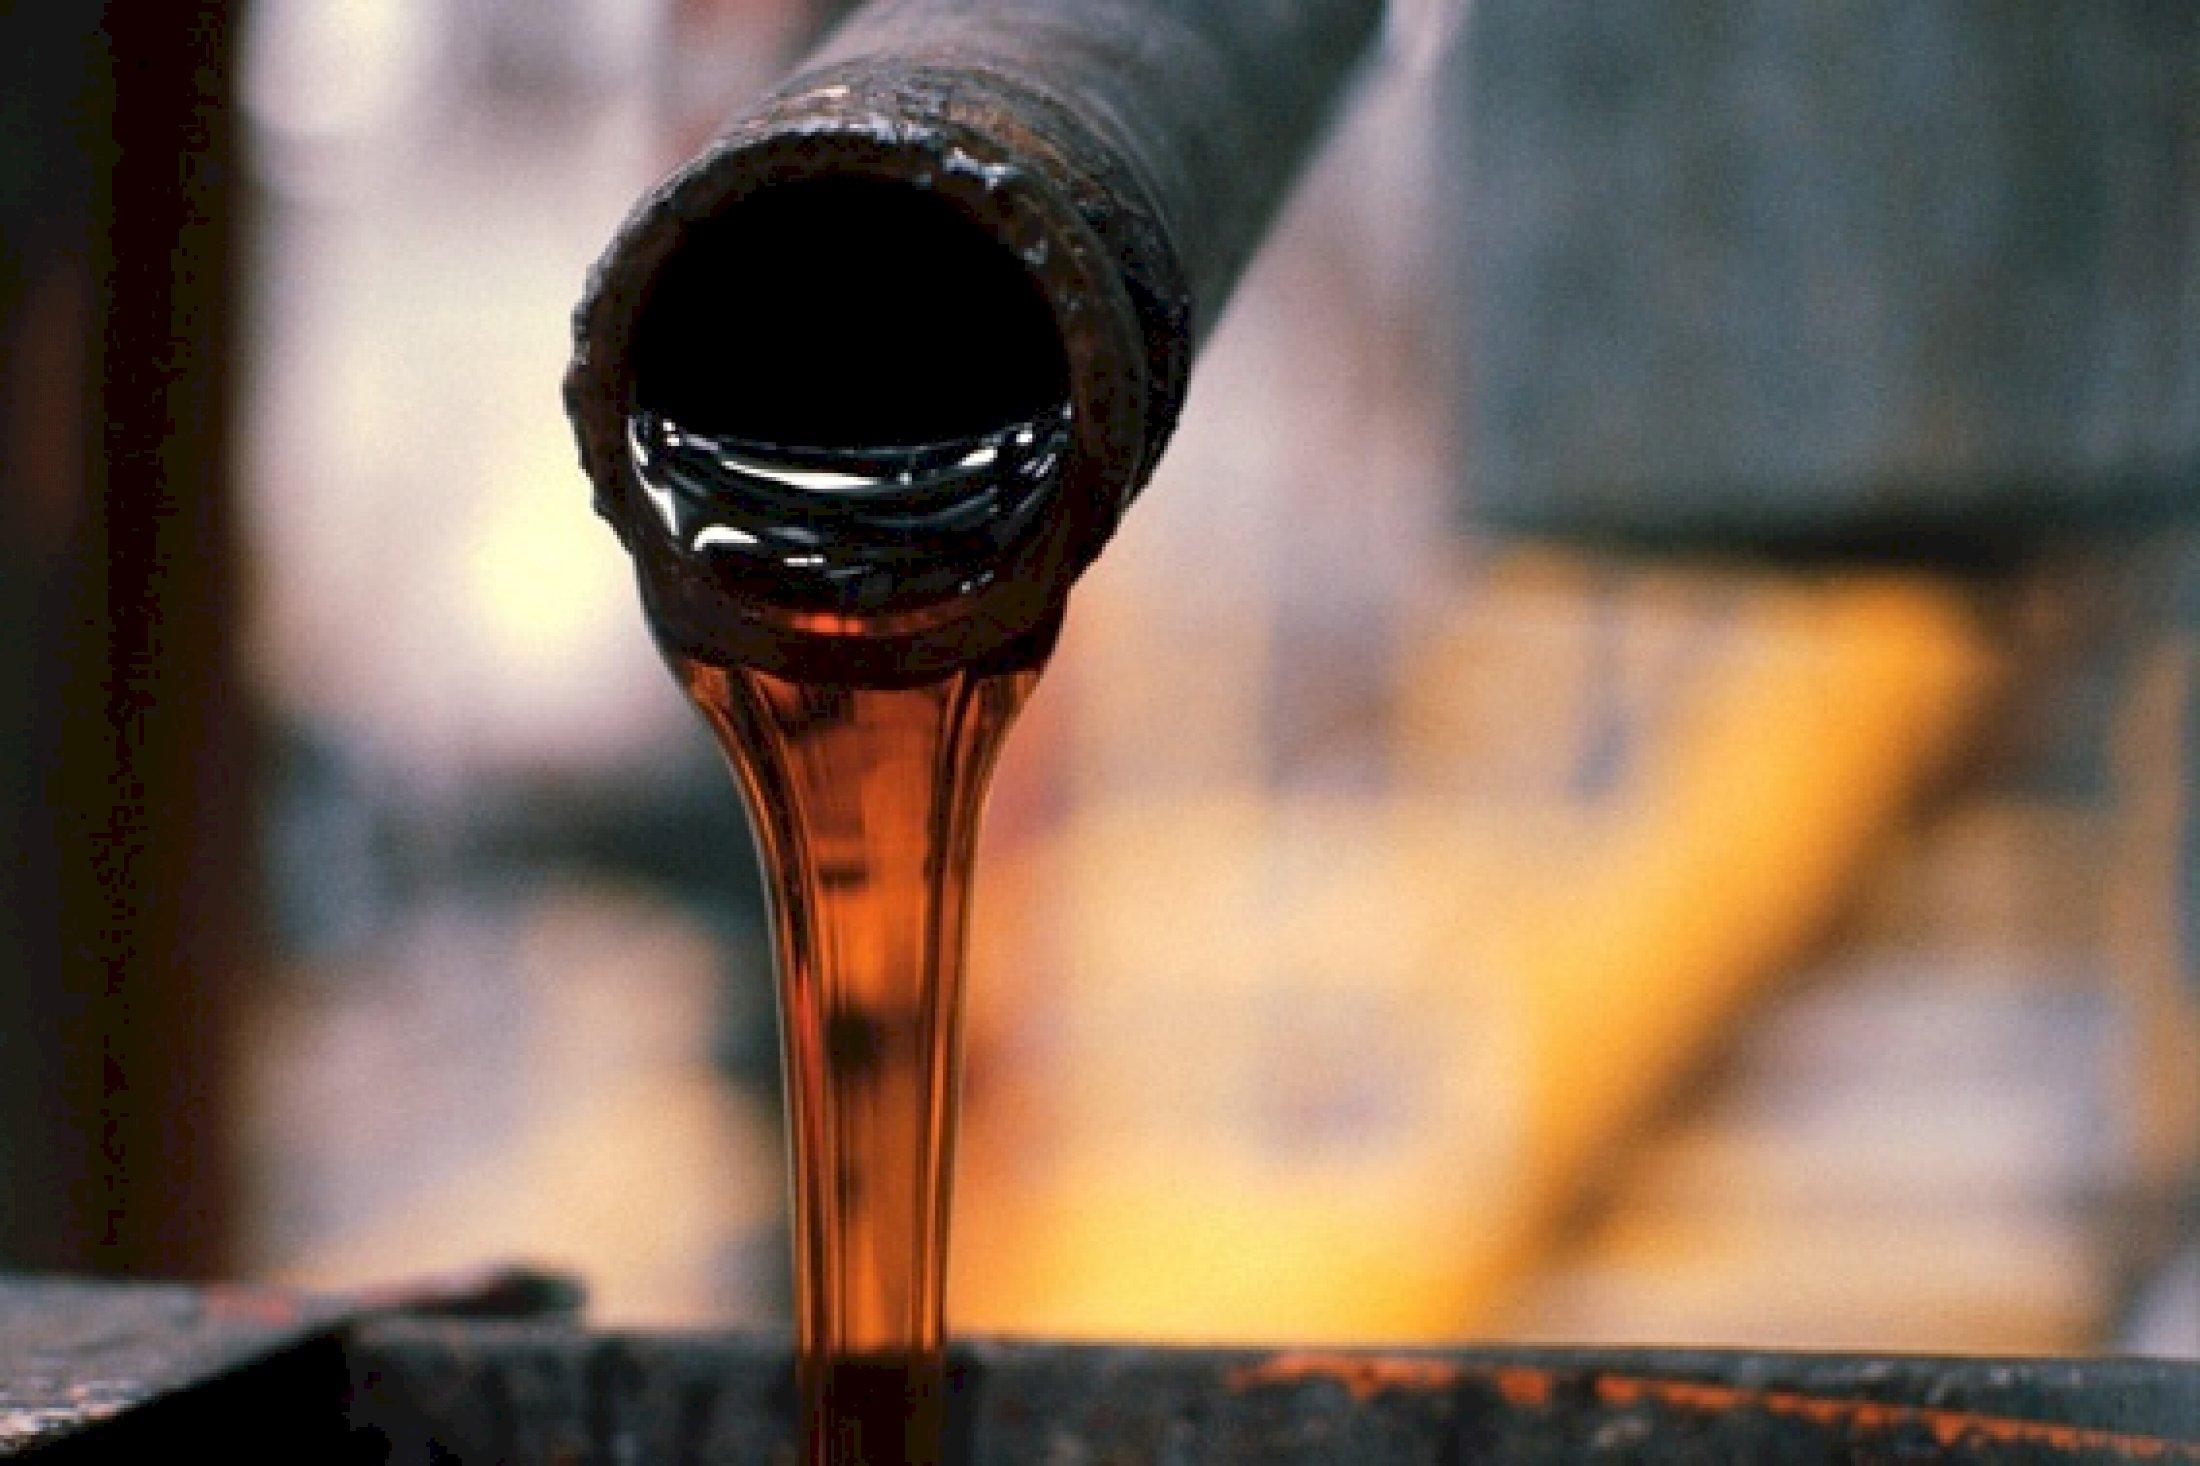 Сколько стоит отработка машинного масла